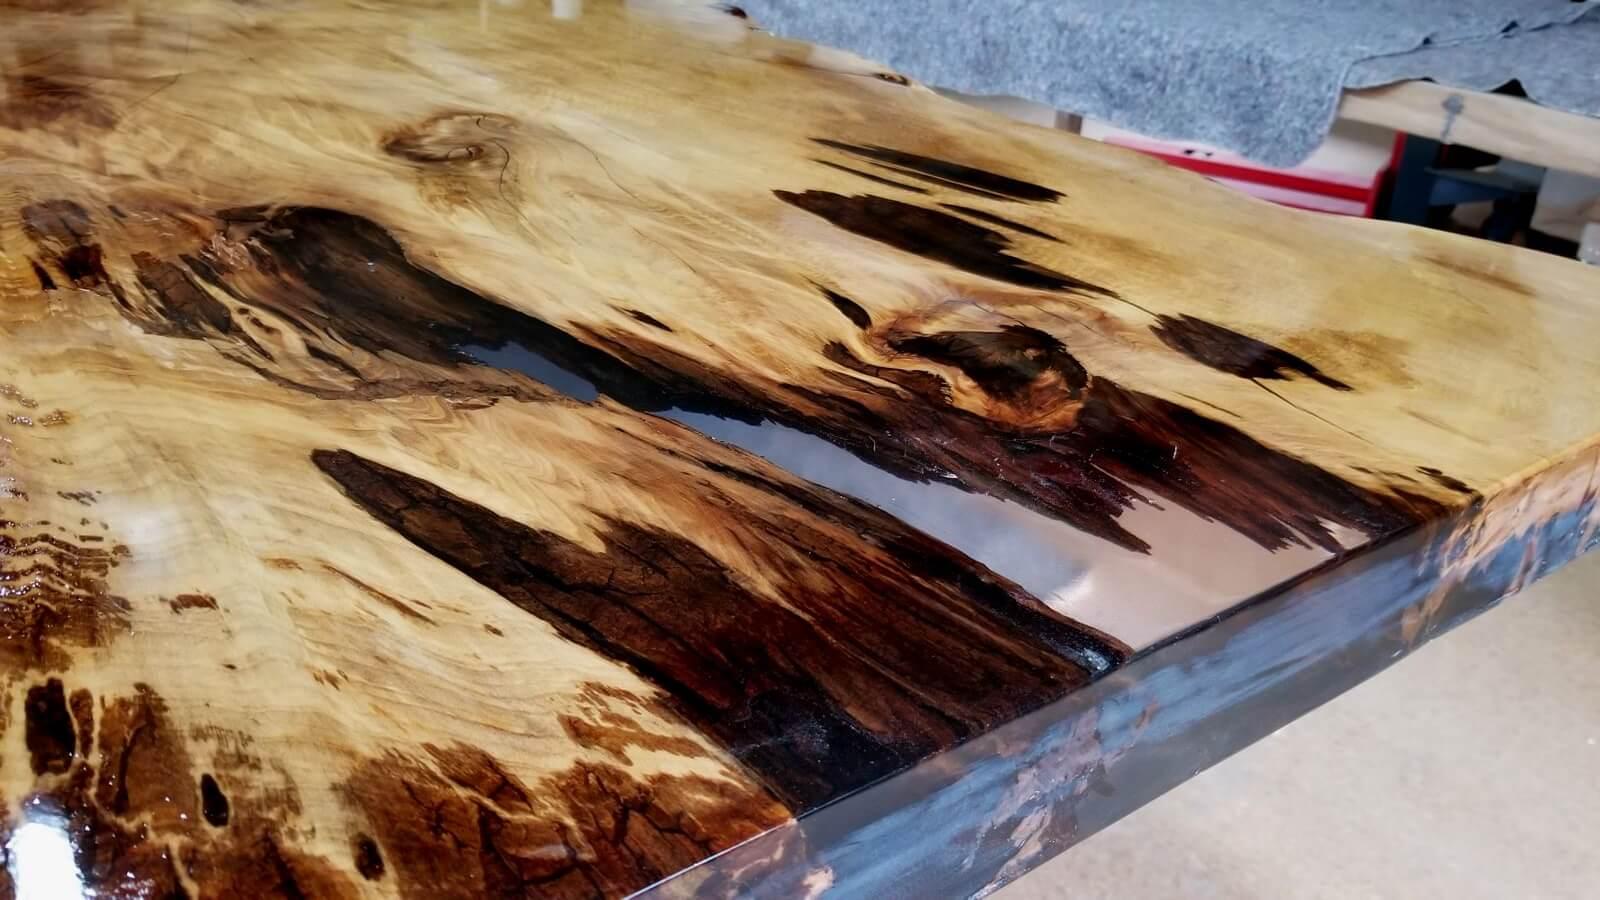 Wurzel Holztischplatte als Kunstwerk der Natur, Naturmerkmale wie Risse und lose Holzteile mit Epoxidharz gefüllt